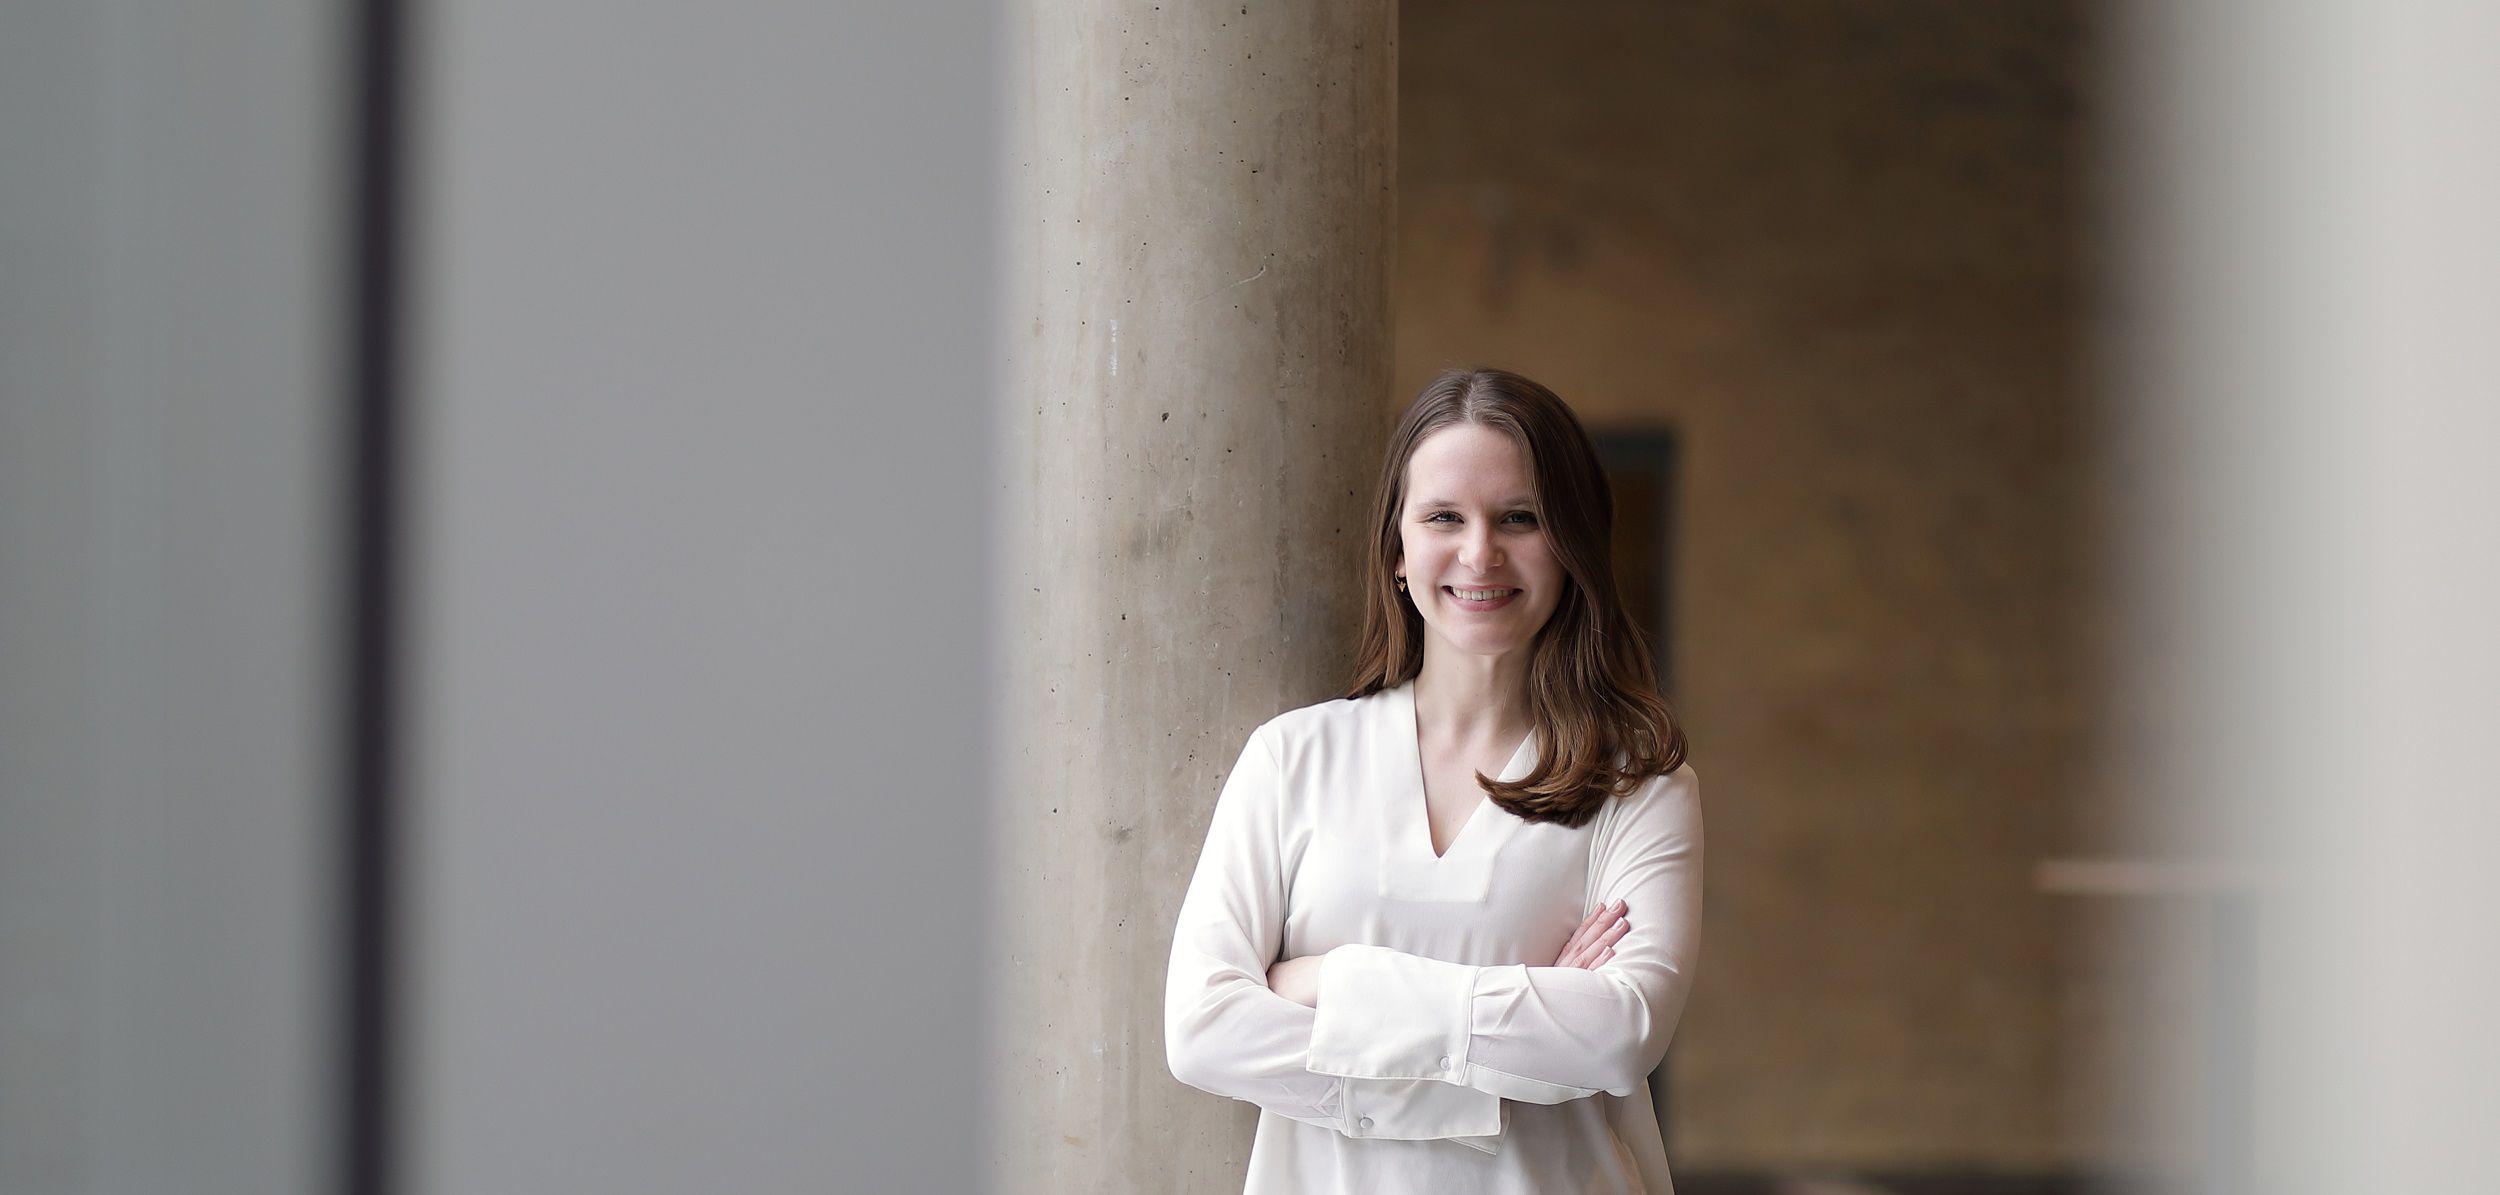 Jennifer Dijkstra Leonie van der Locht Huijbers 2019 3